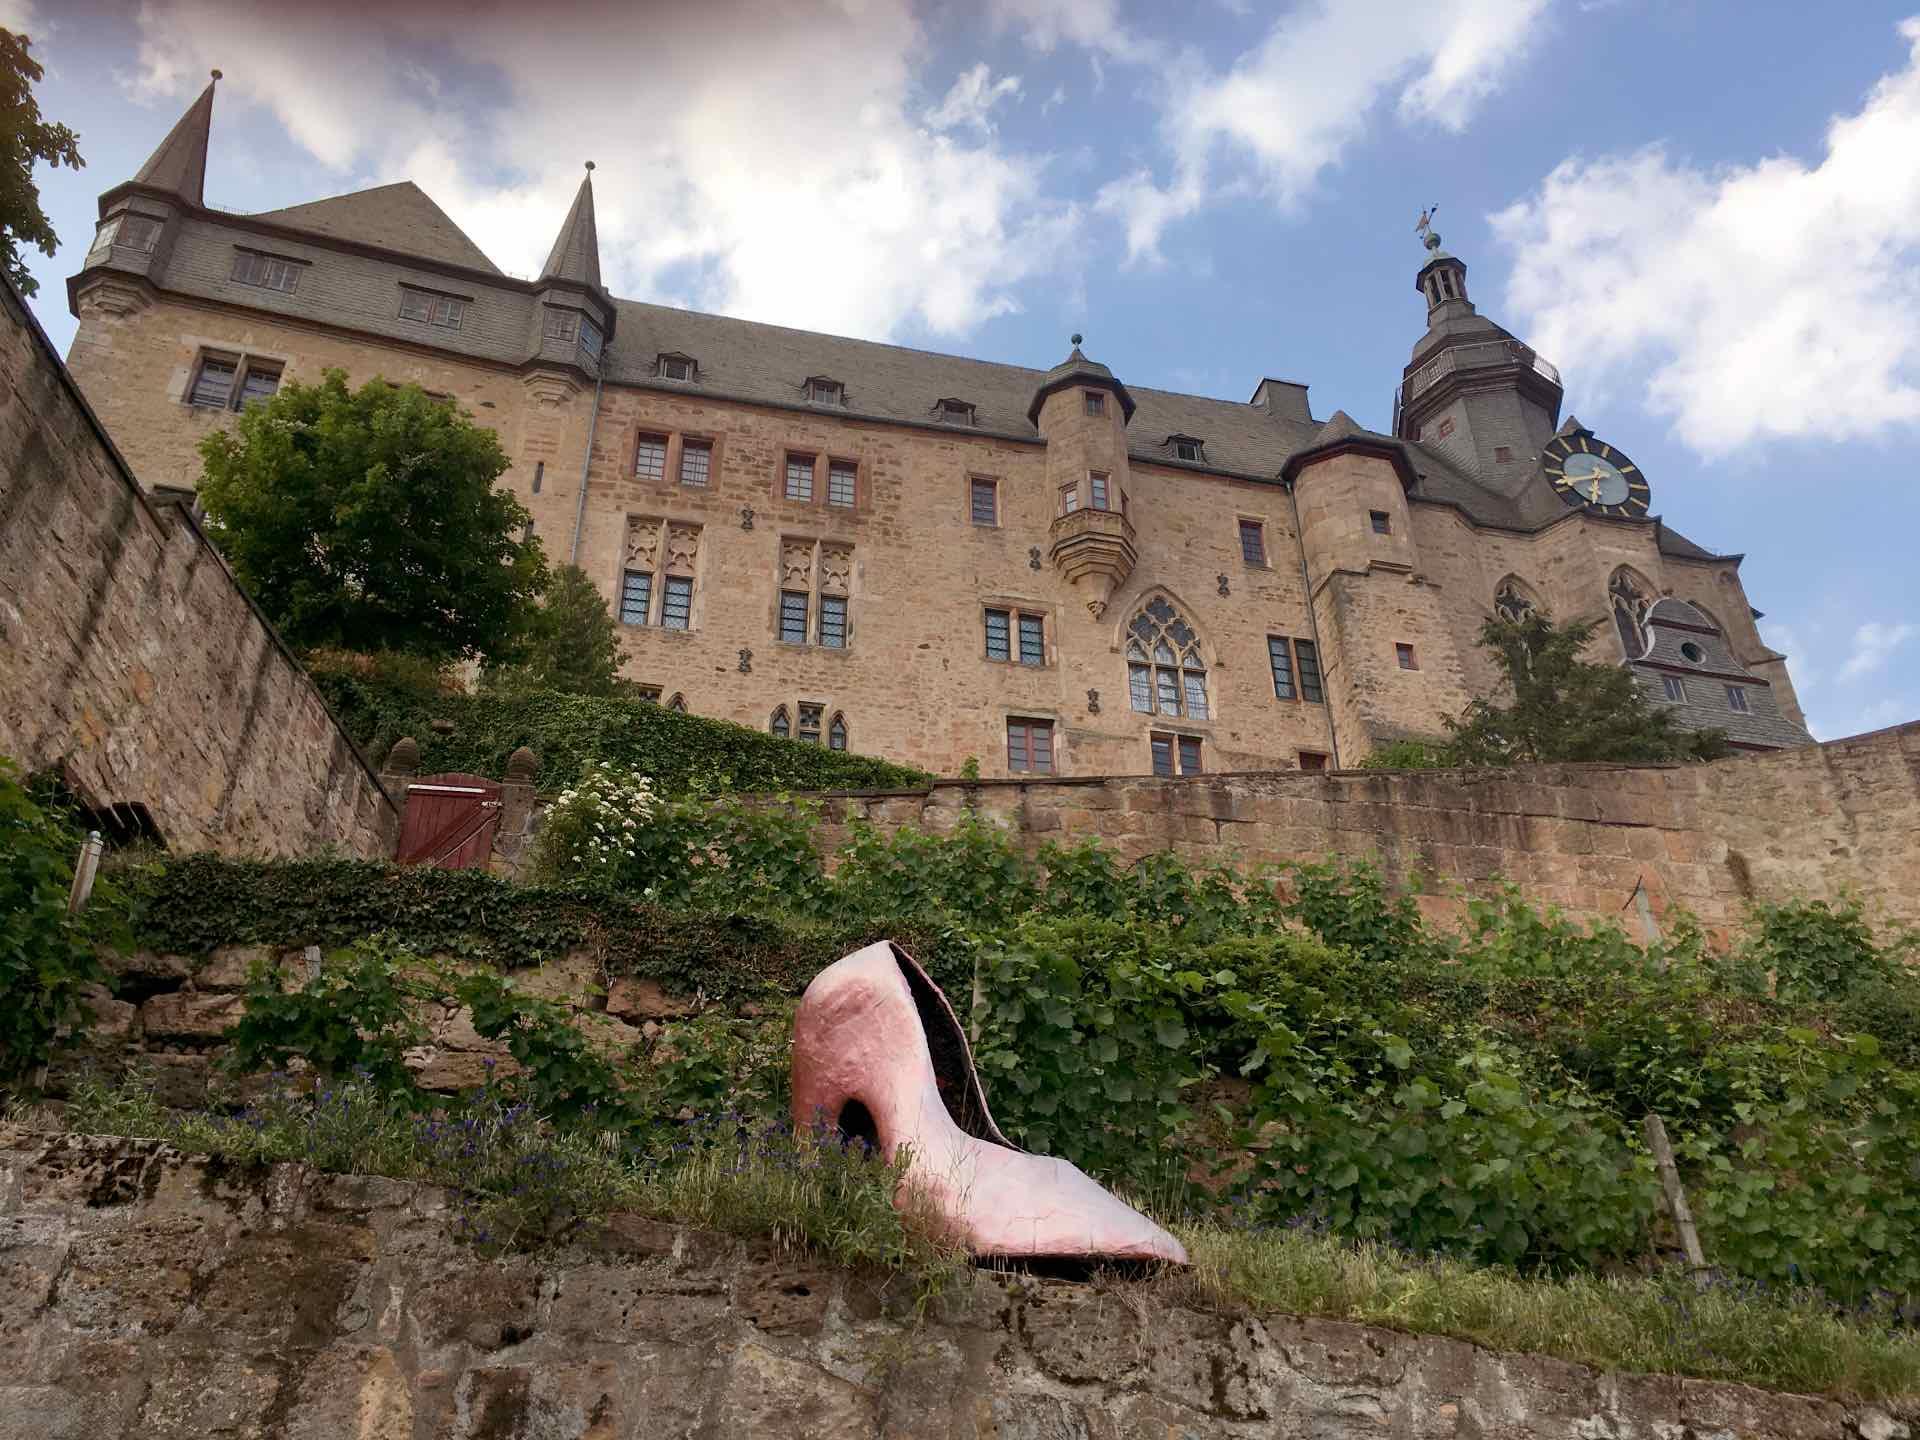 Het Landgrafenschloss van Marburg met de schoen van Assepoester